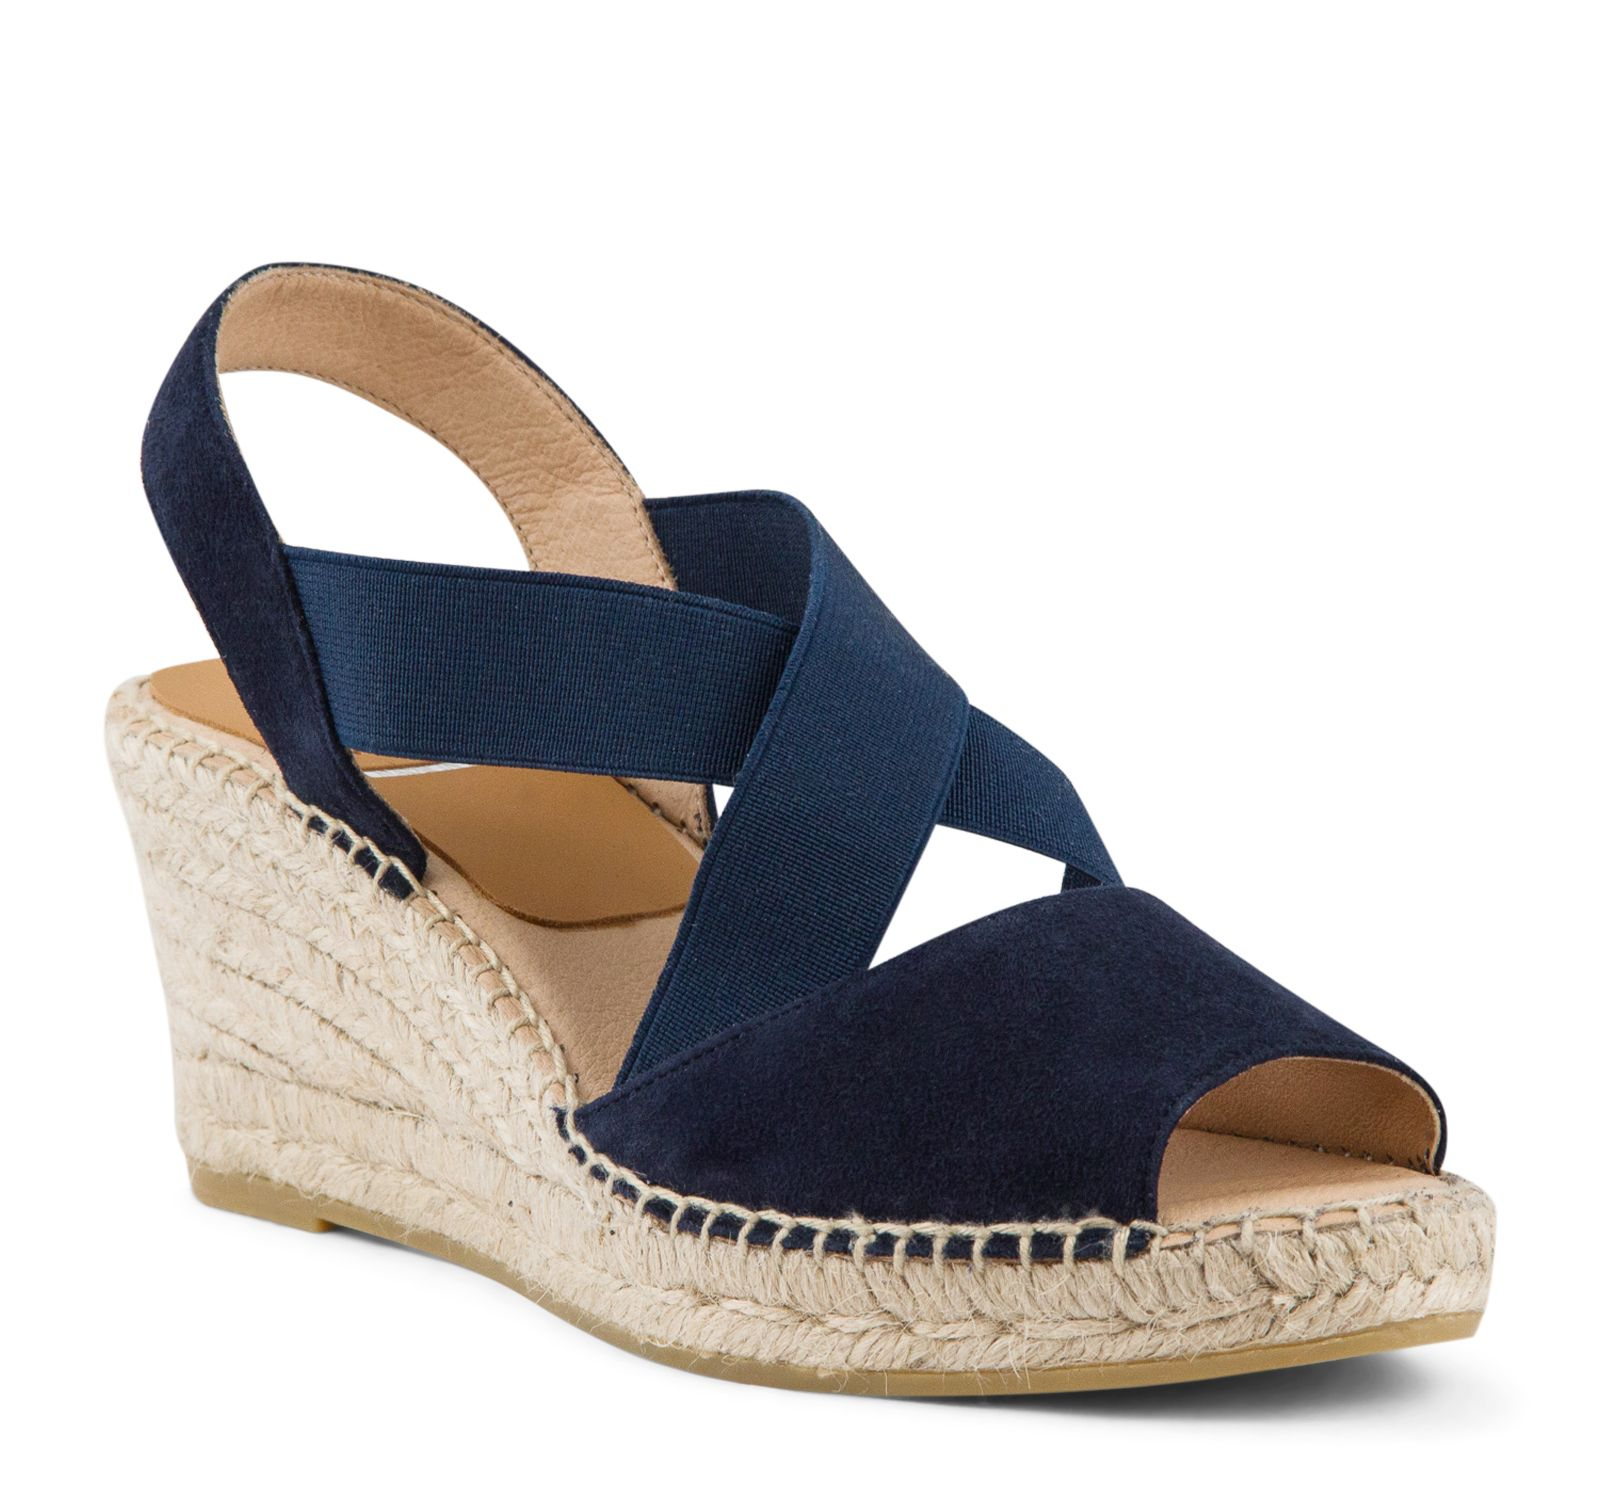 Kanna KV8071 Wedge Sandale Damens's Damens's Damens's Hudson (Navy)   Damens's Footwear ... 9c8076